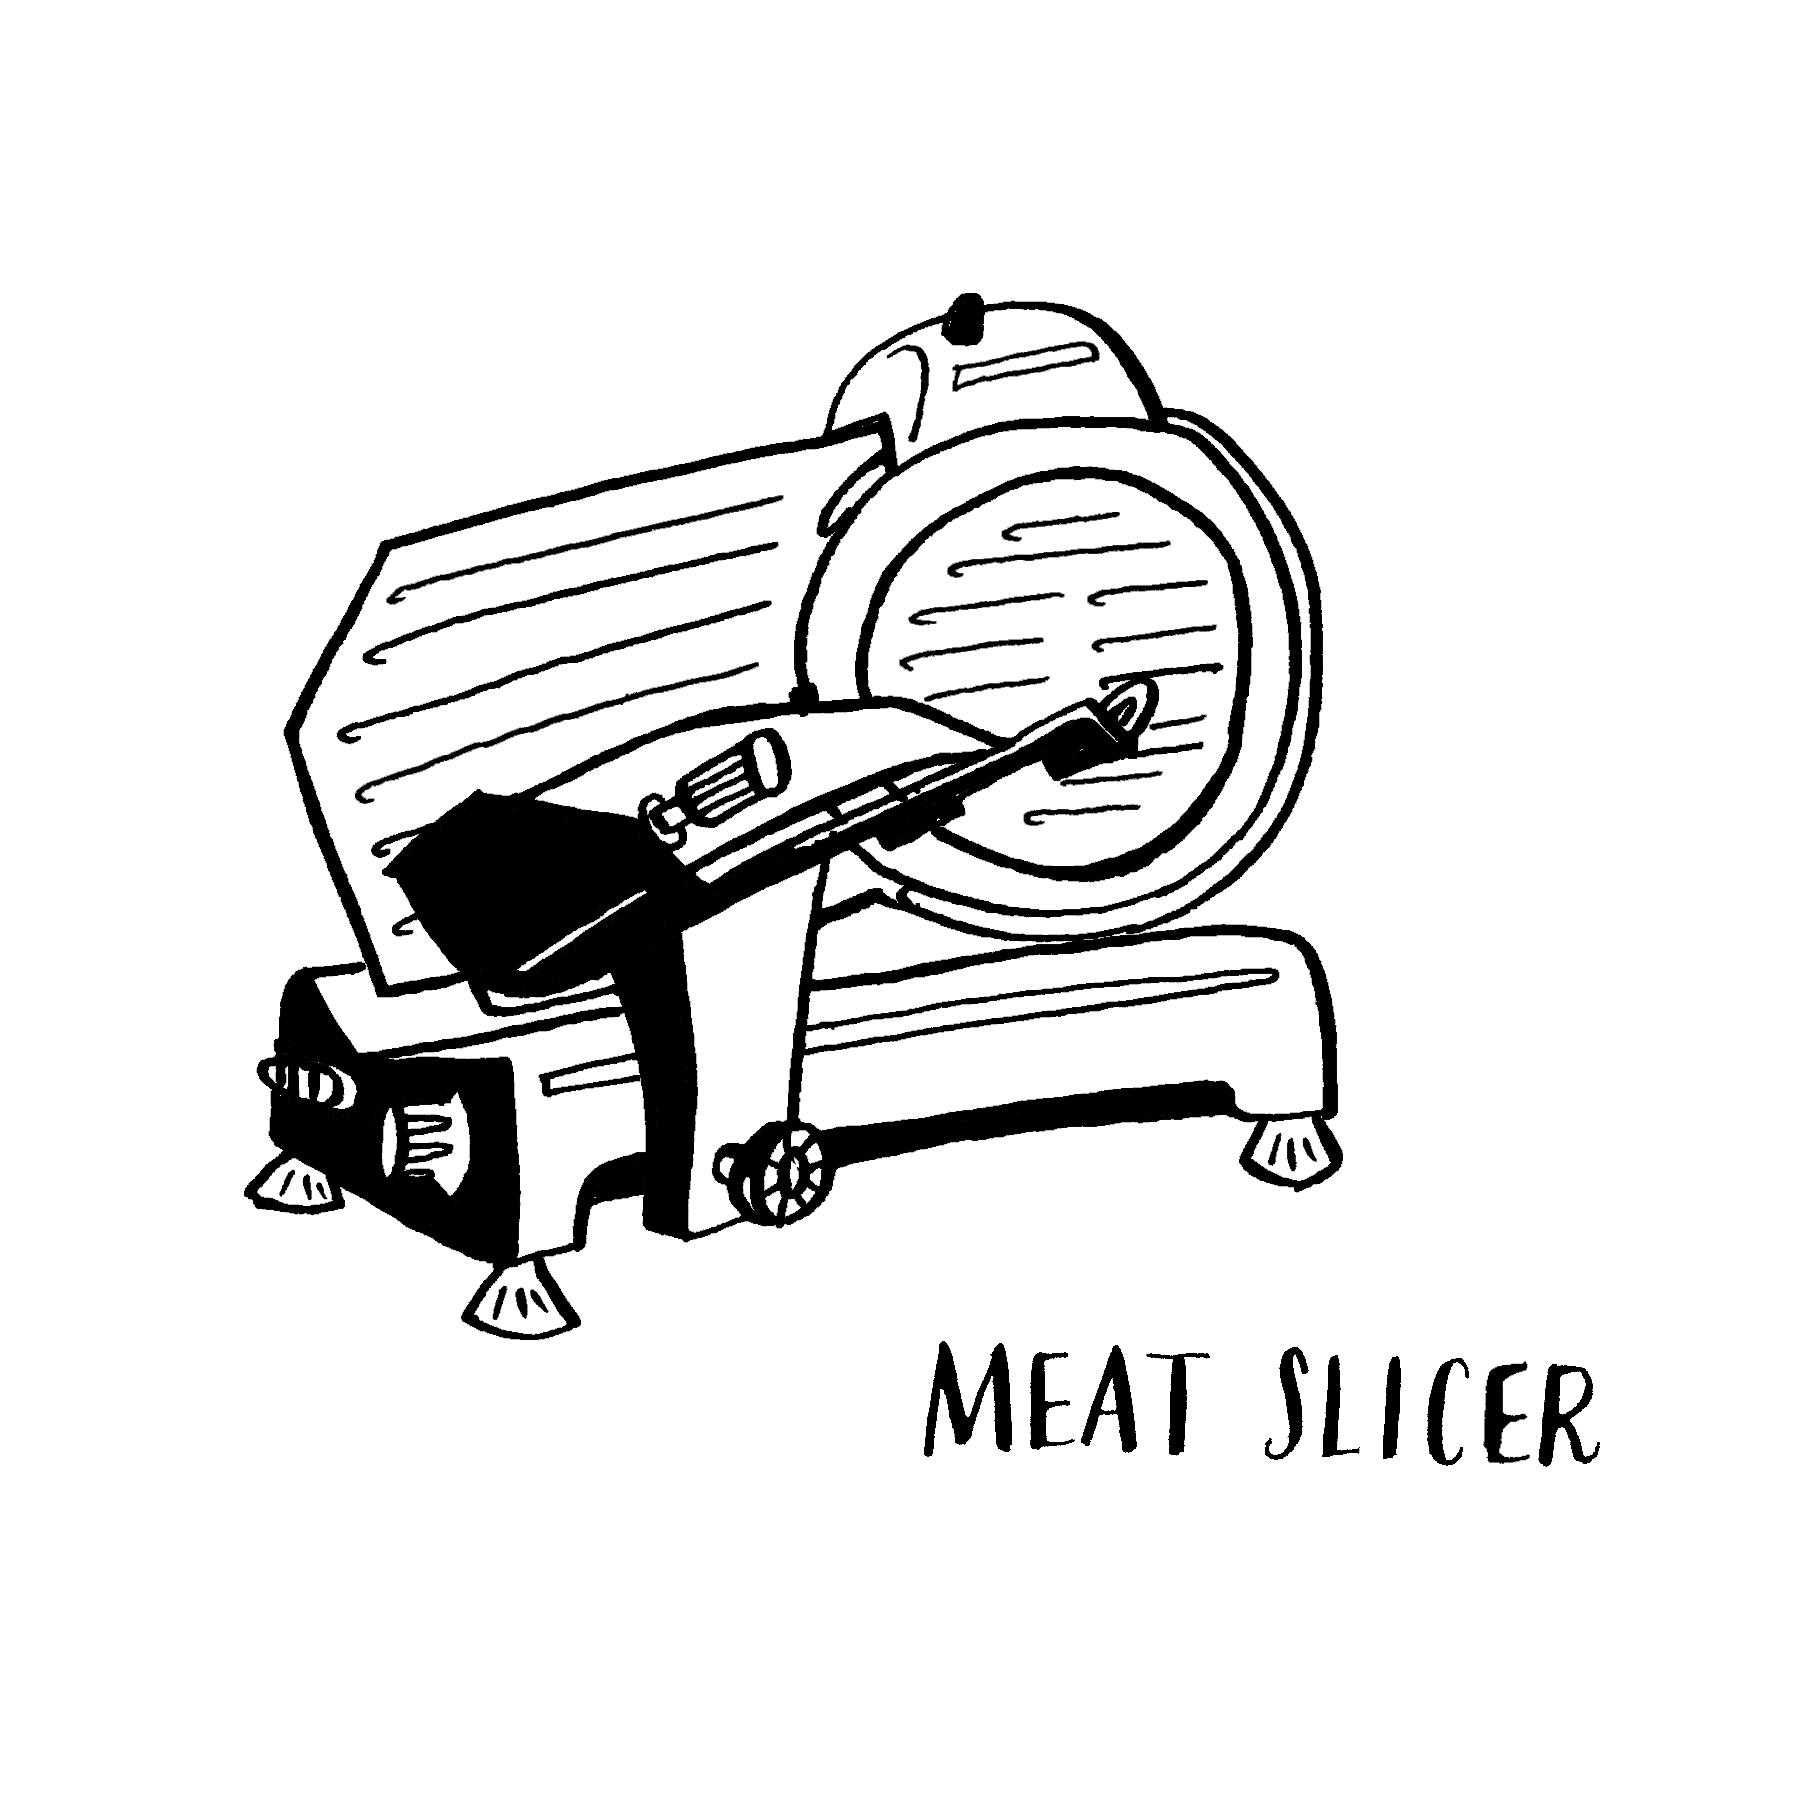 slicer.jpg